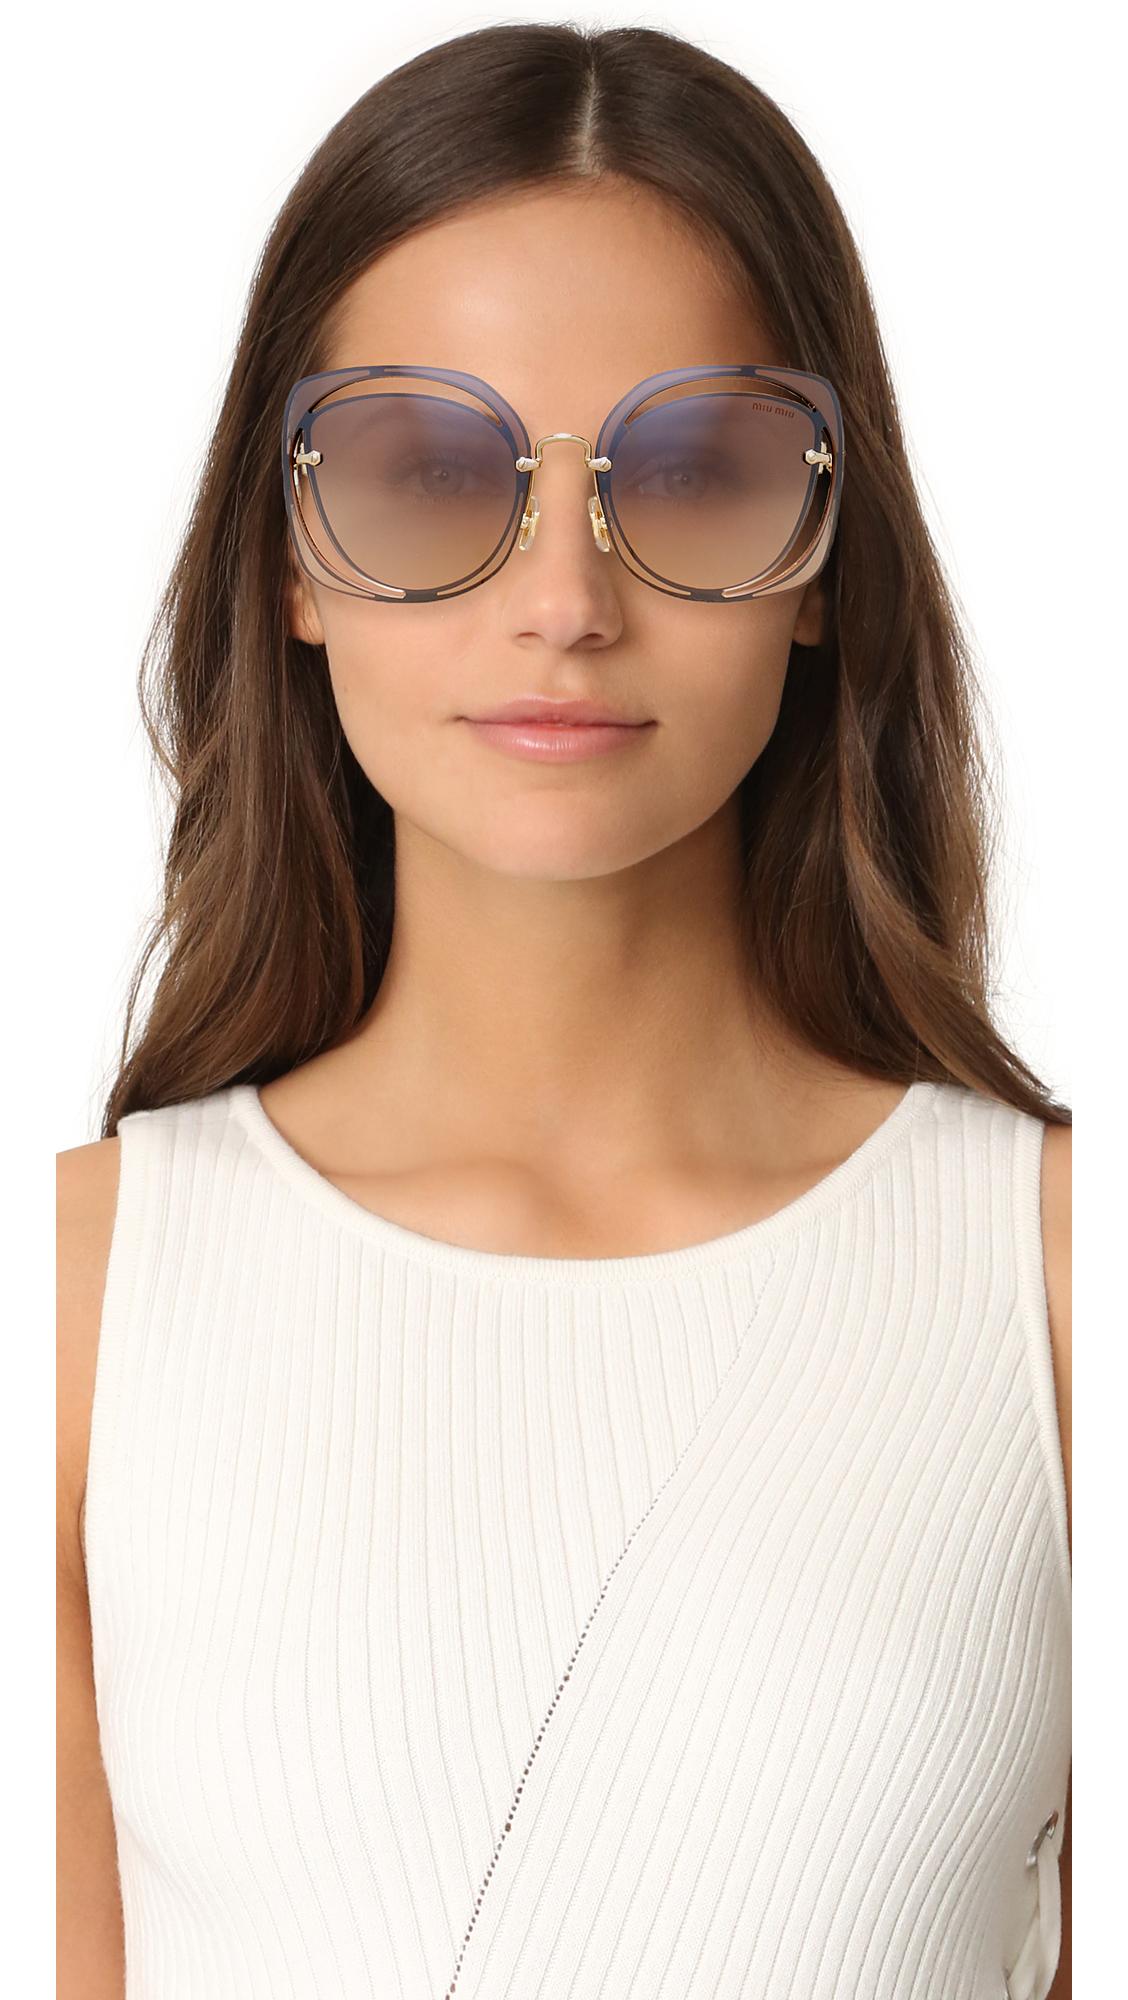 899f3b3a18c Miu Miu Cut Out Square Sunglasses